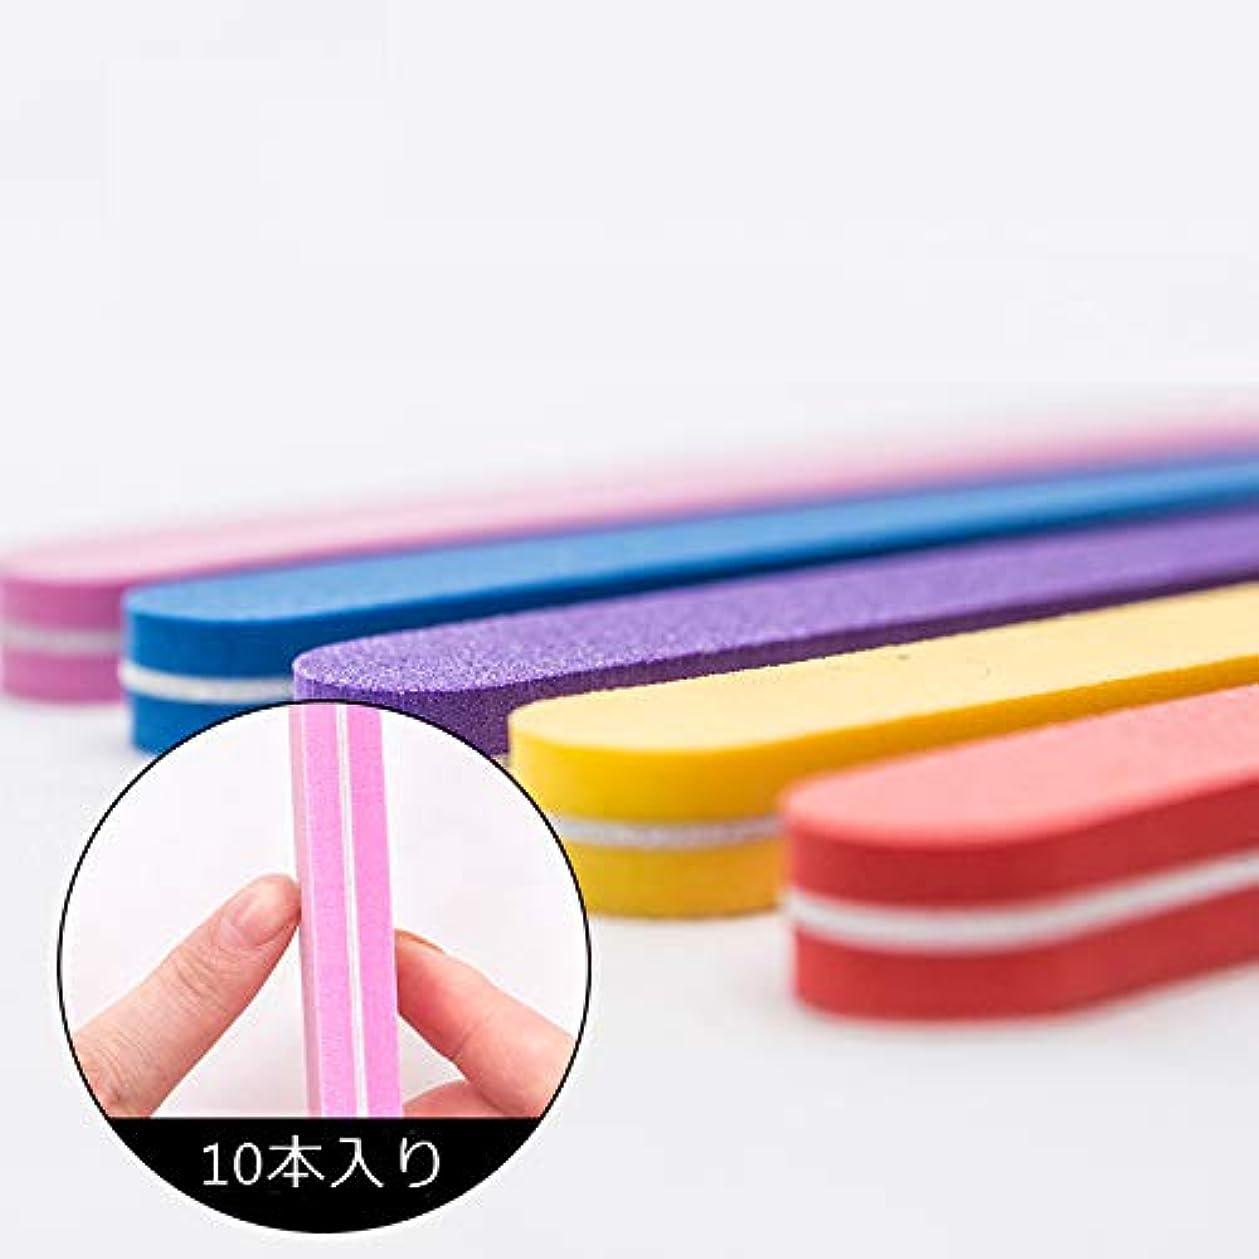 透けて見えるなすアラビア語爪やすり スポンジ 爪磨き 両面タイプ ネイルツール ネイルファイル プロ仕様 10本 5色